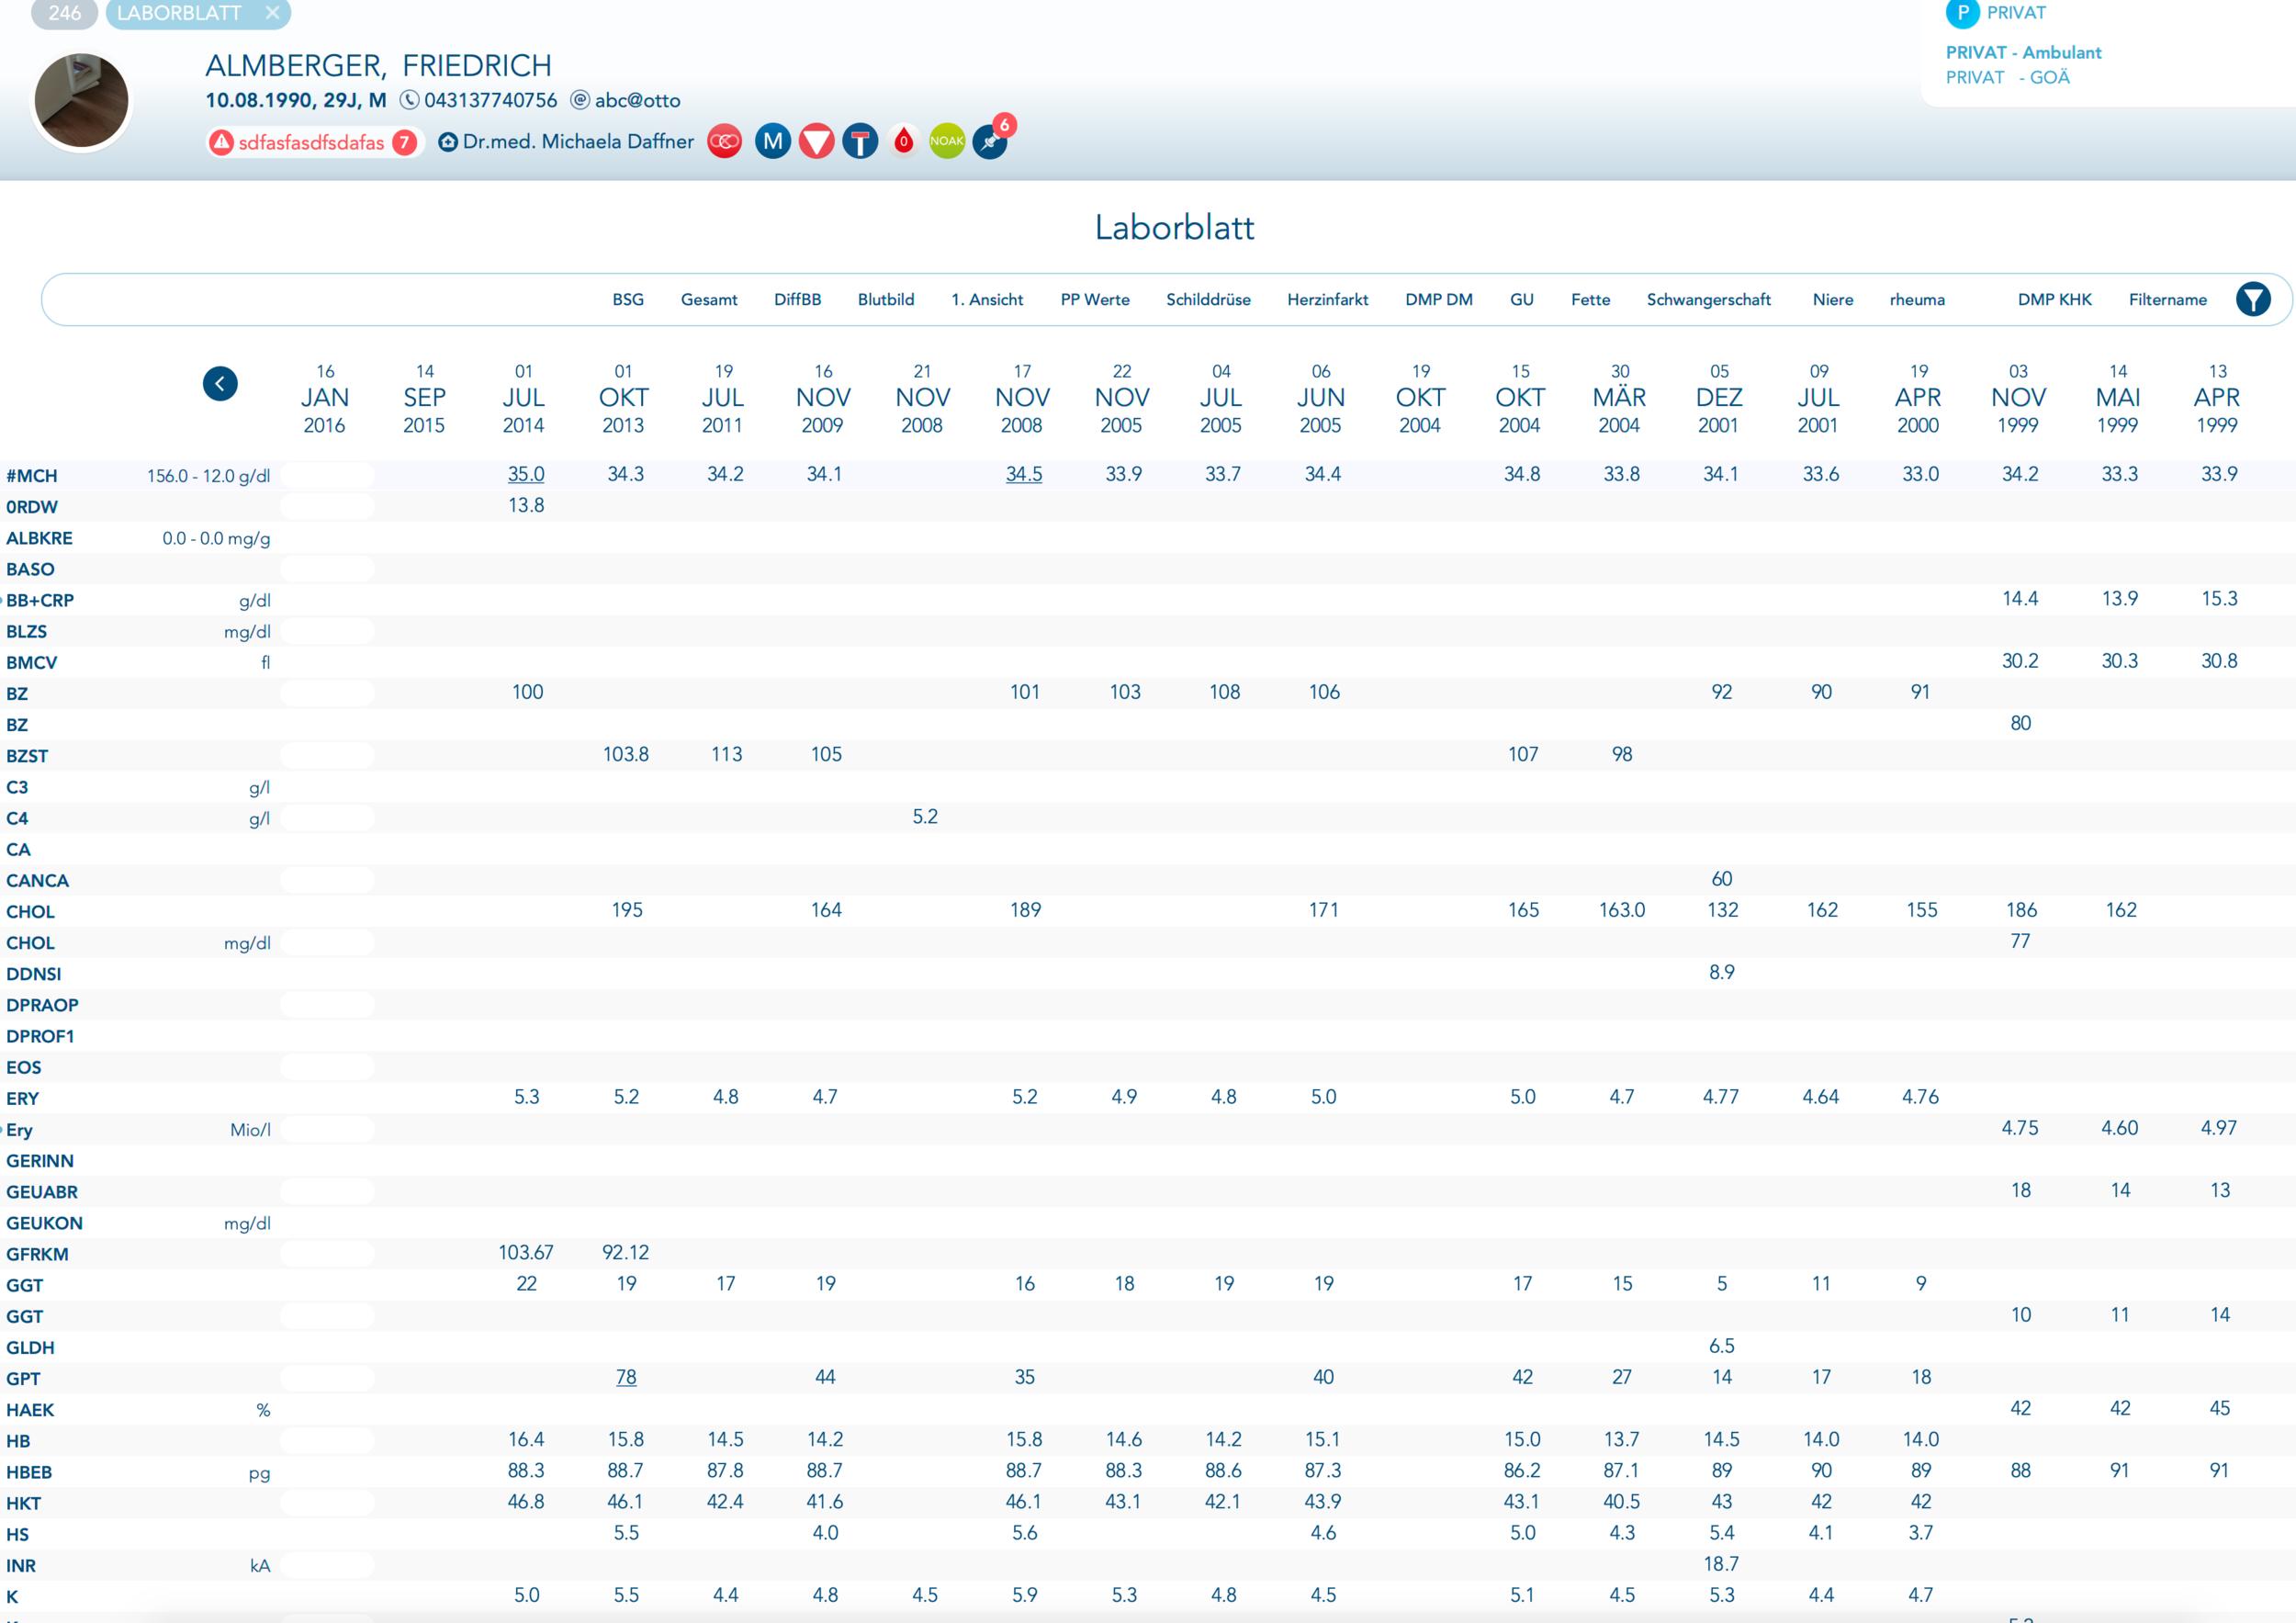 Bildschirmfoto 2020-01-11 um 18.28.52.png